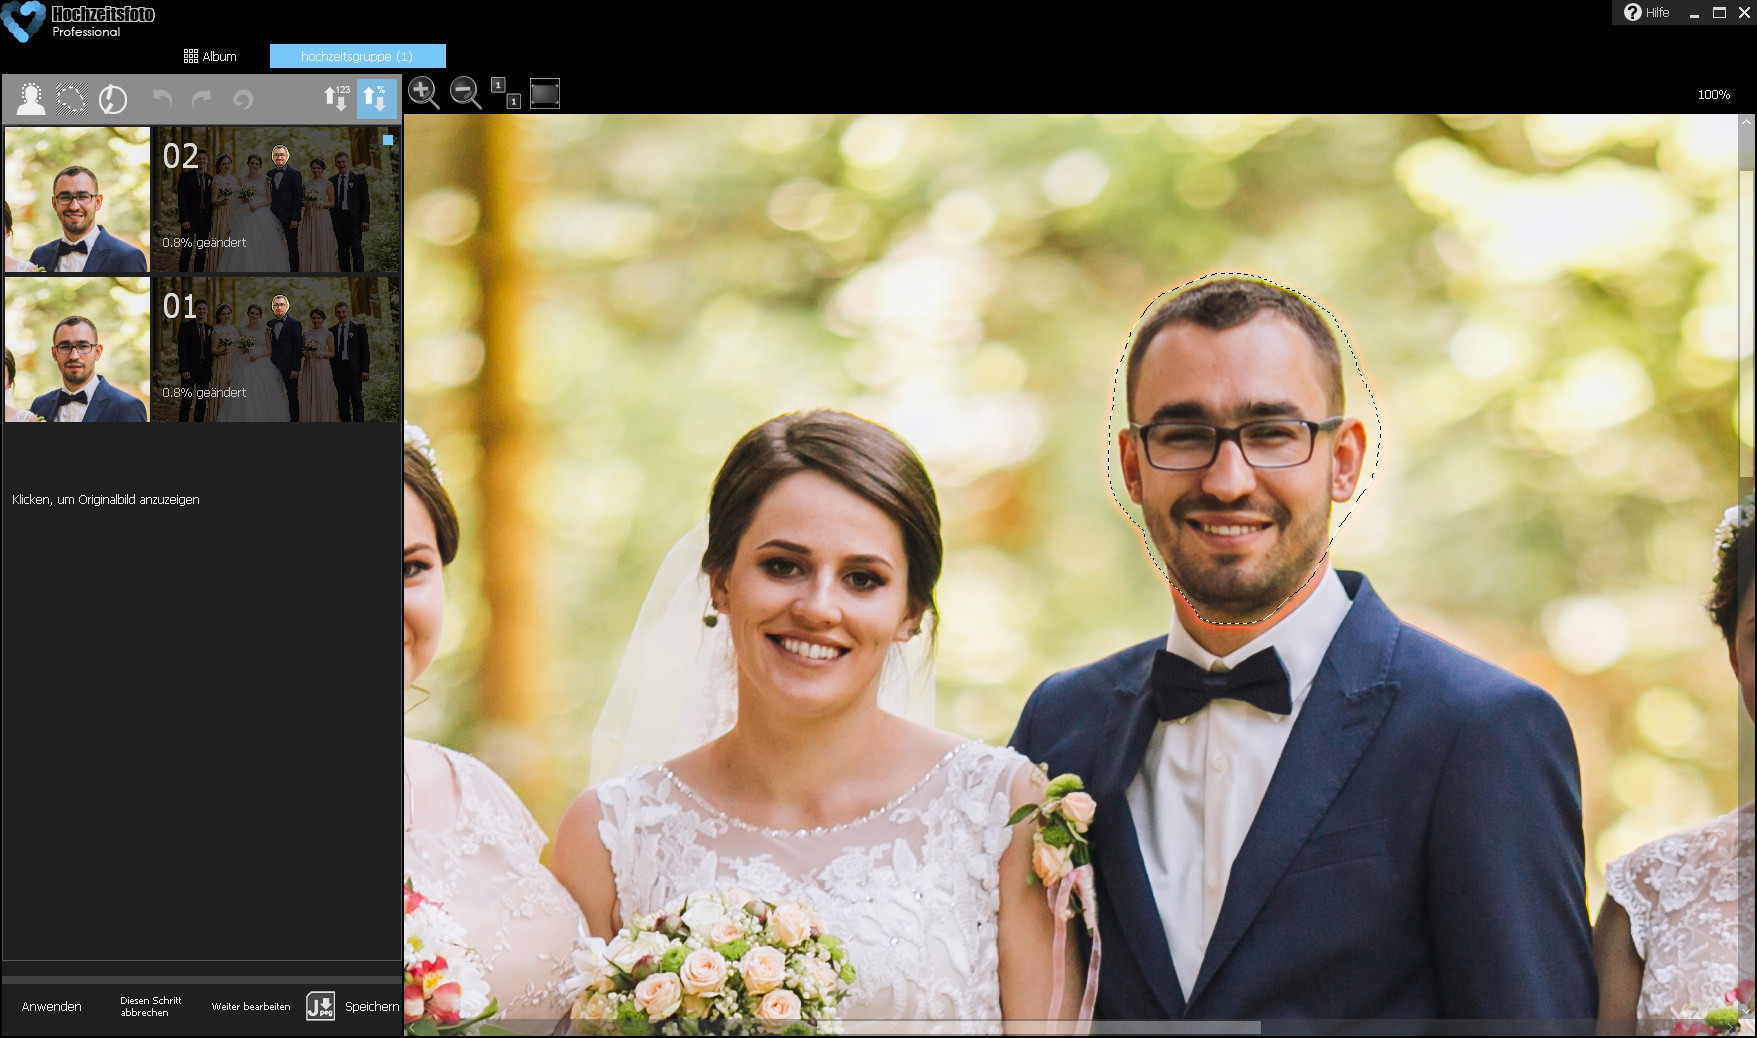 Screenshot 1 - CutOut Hochzeitsfoto – Kostenlose Vollversion